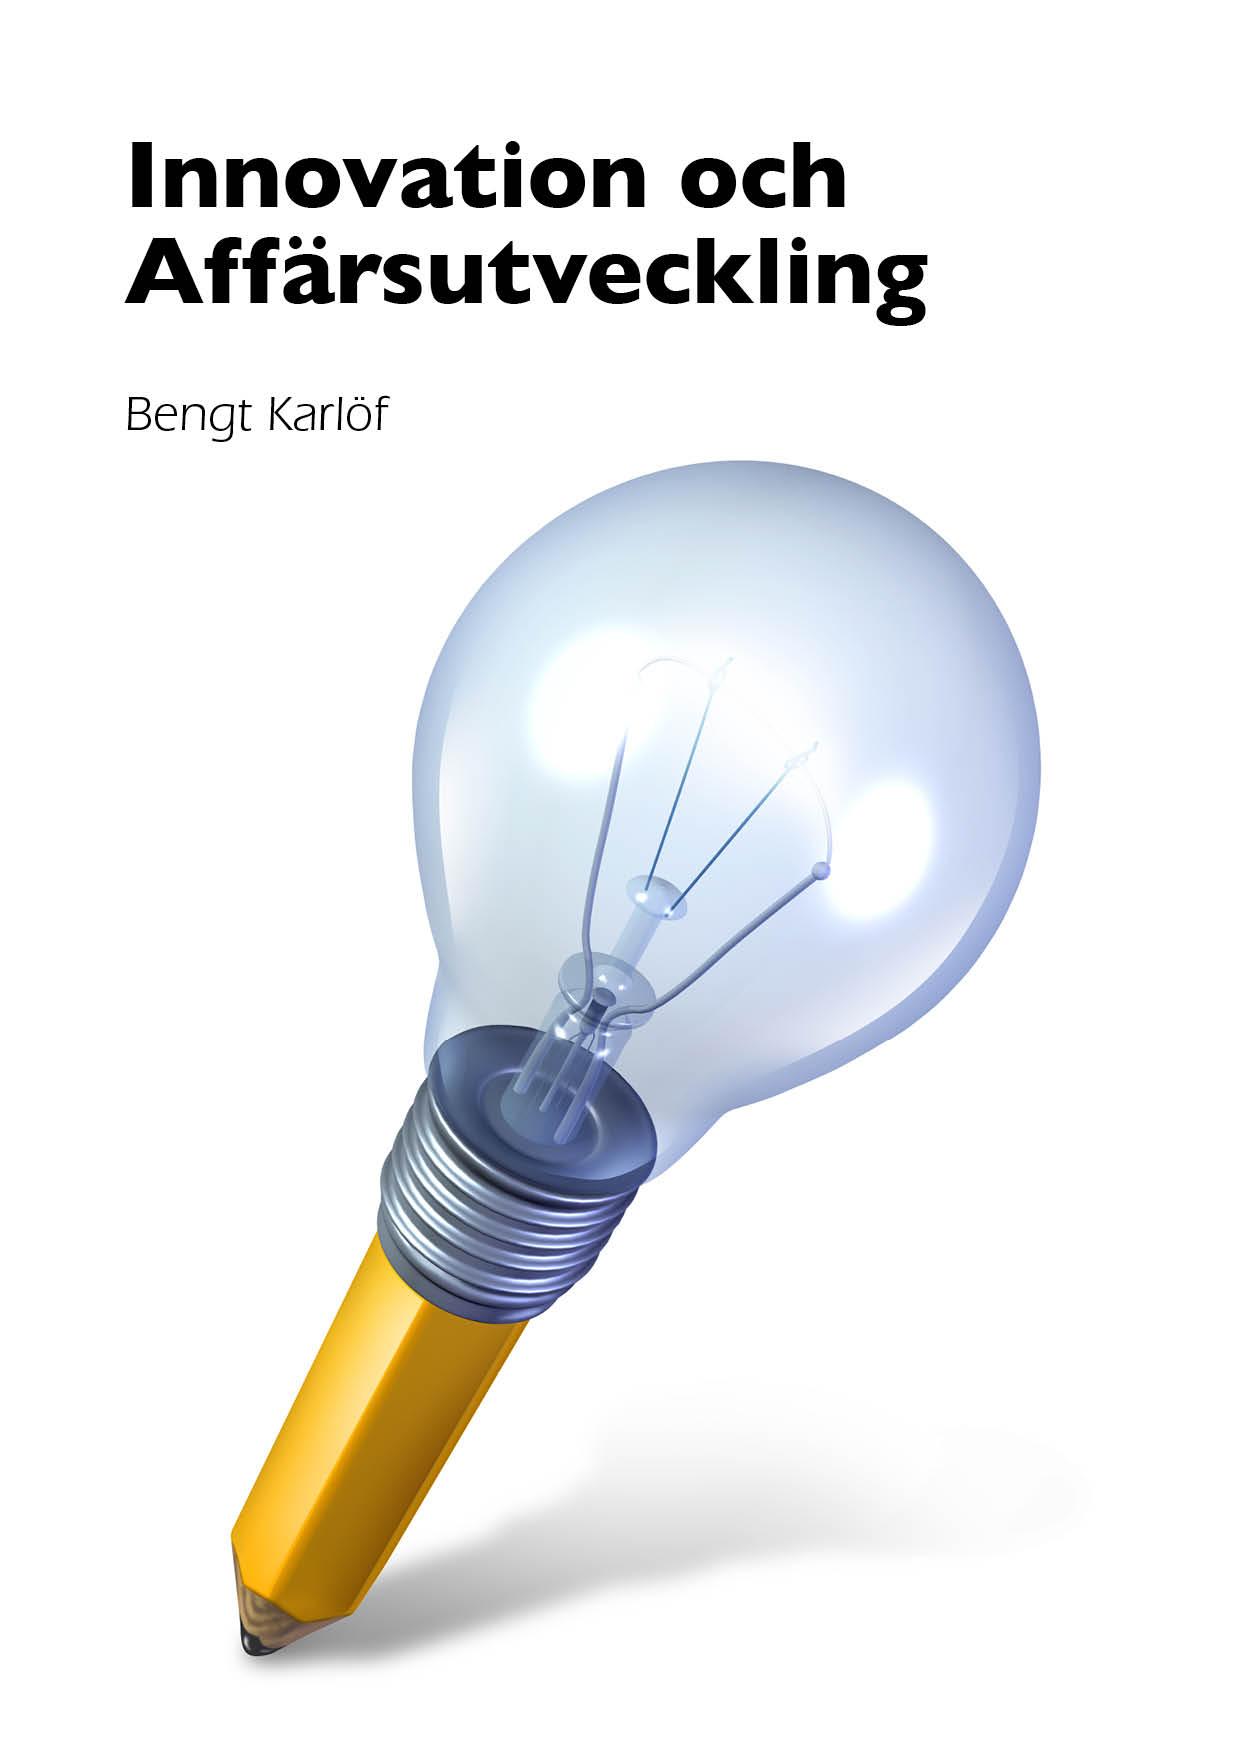 Innovation och affärsutveckling av Bengt Karlöf